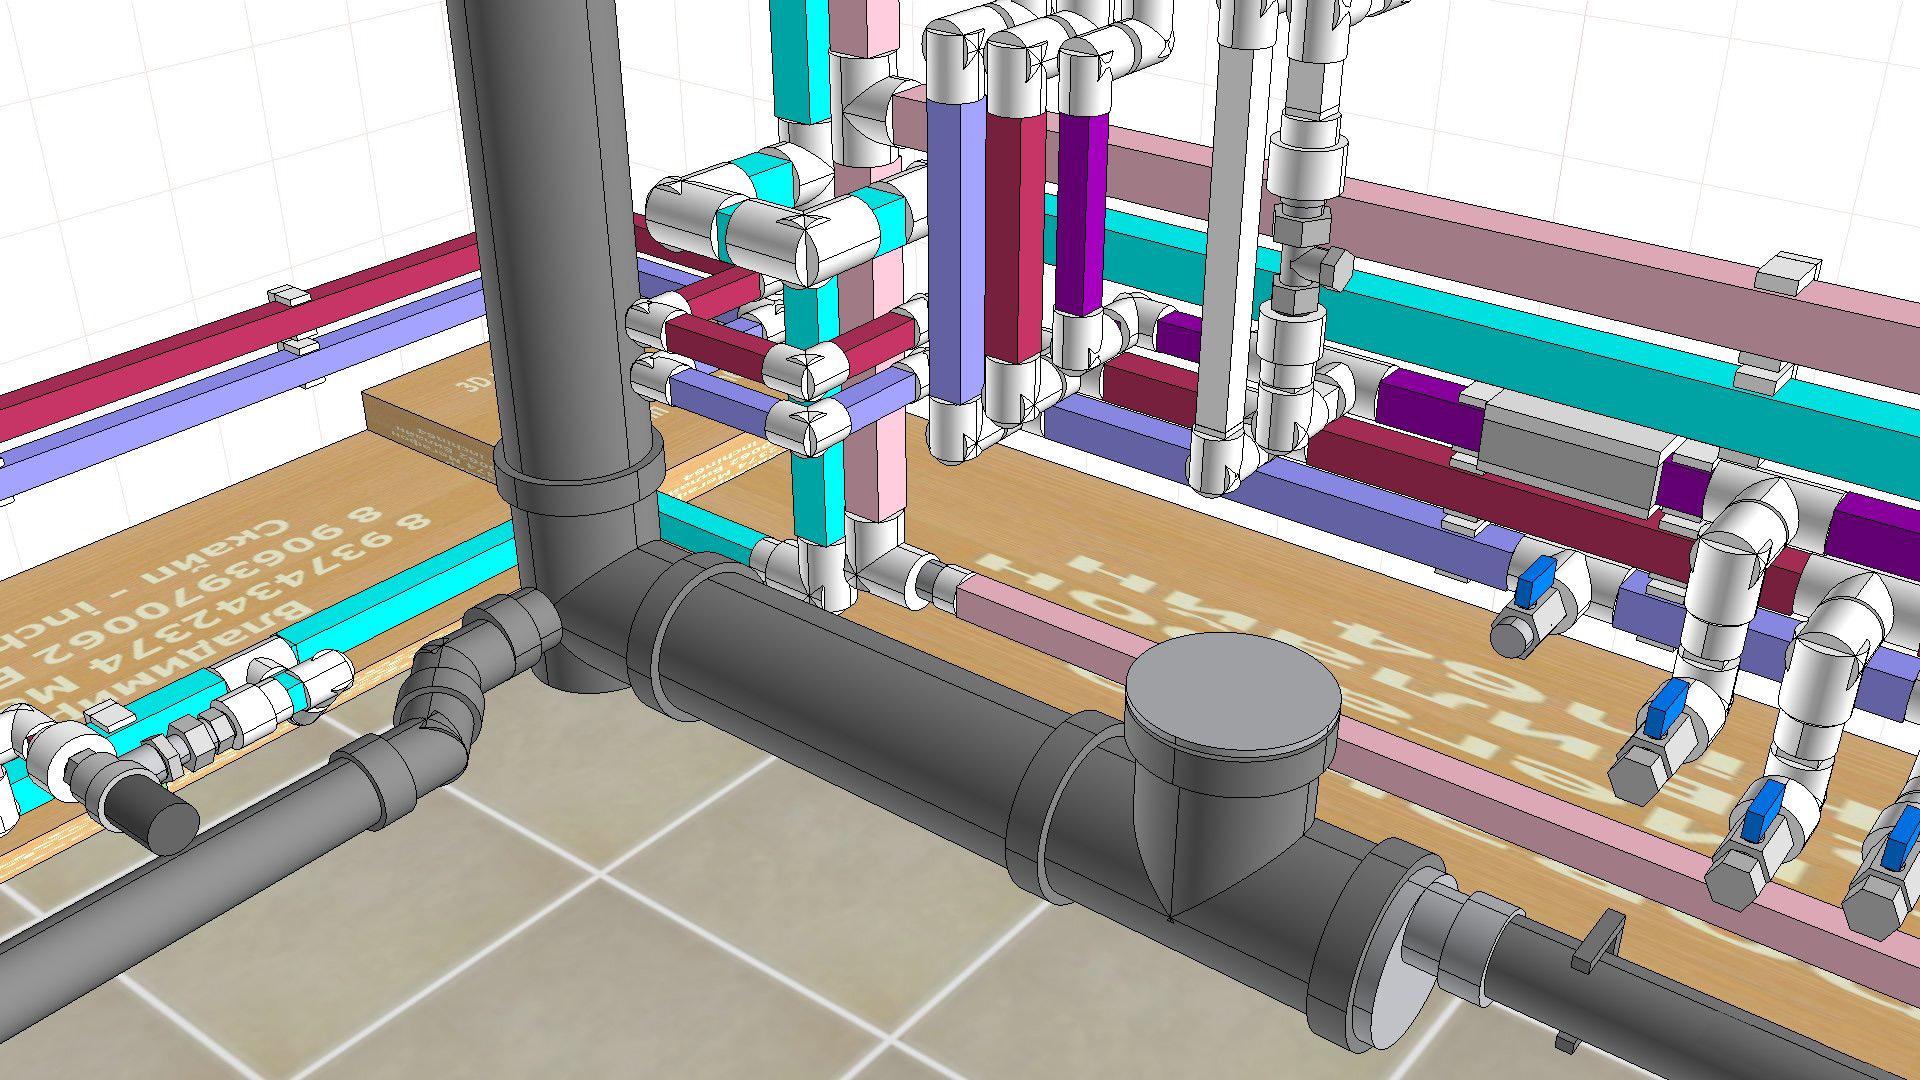 СТ МДК 03.02 т. 2.1 Проектирование систем водоснабжения и водоотведения